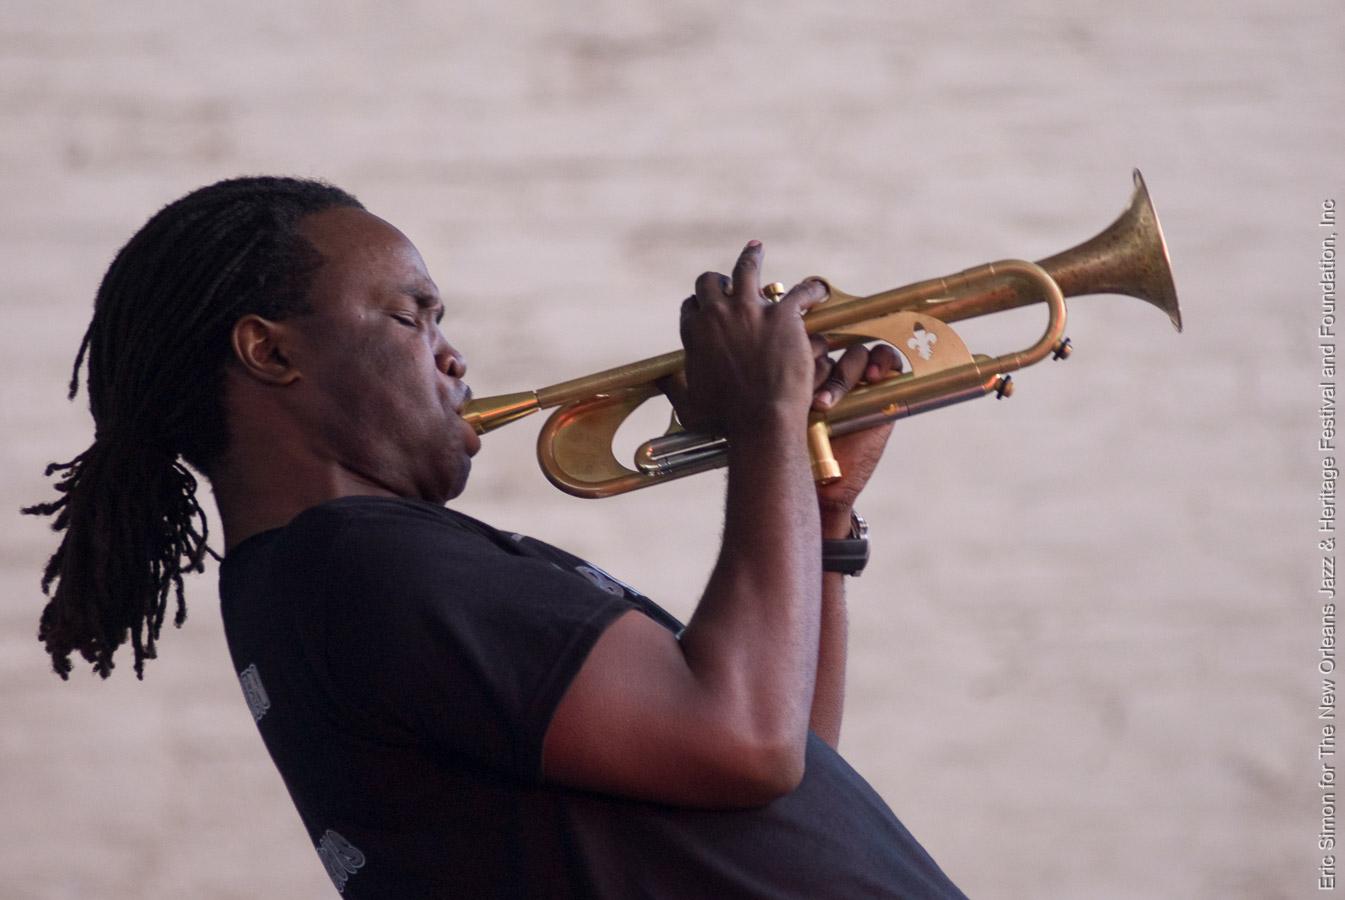 2008 Treme Creole Gumbo Festival, Music, New Orleans, Shamarr Allen